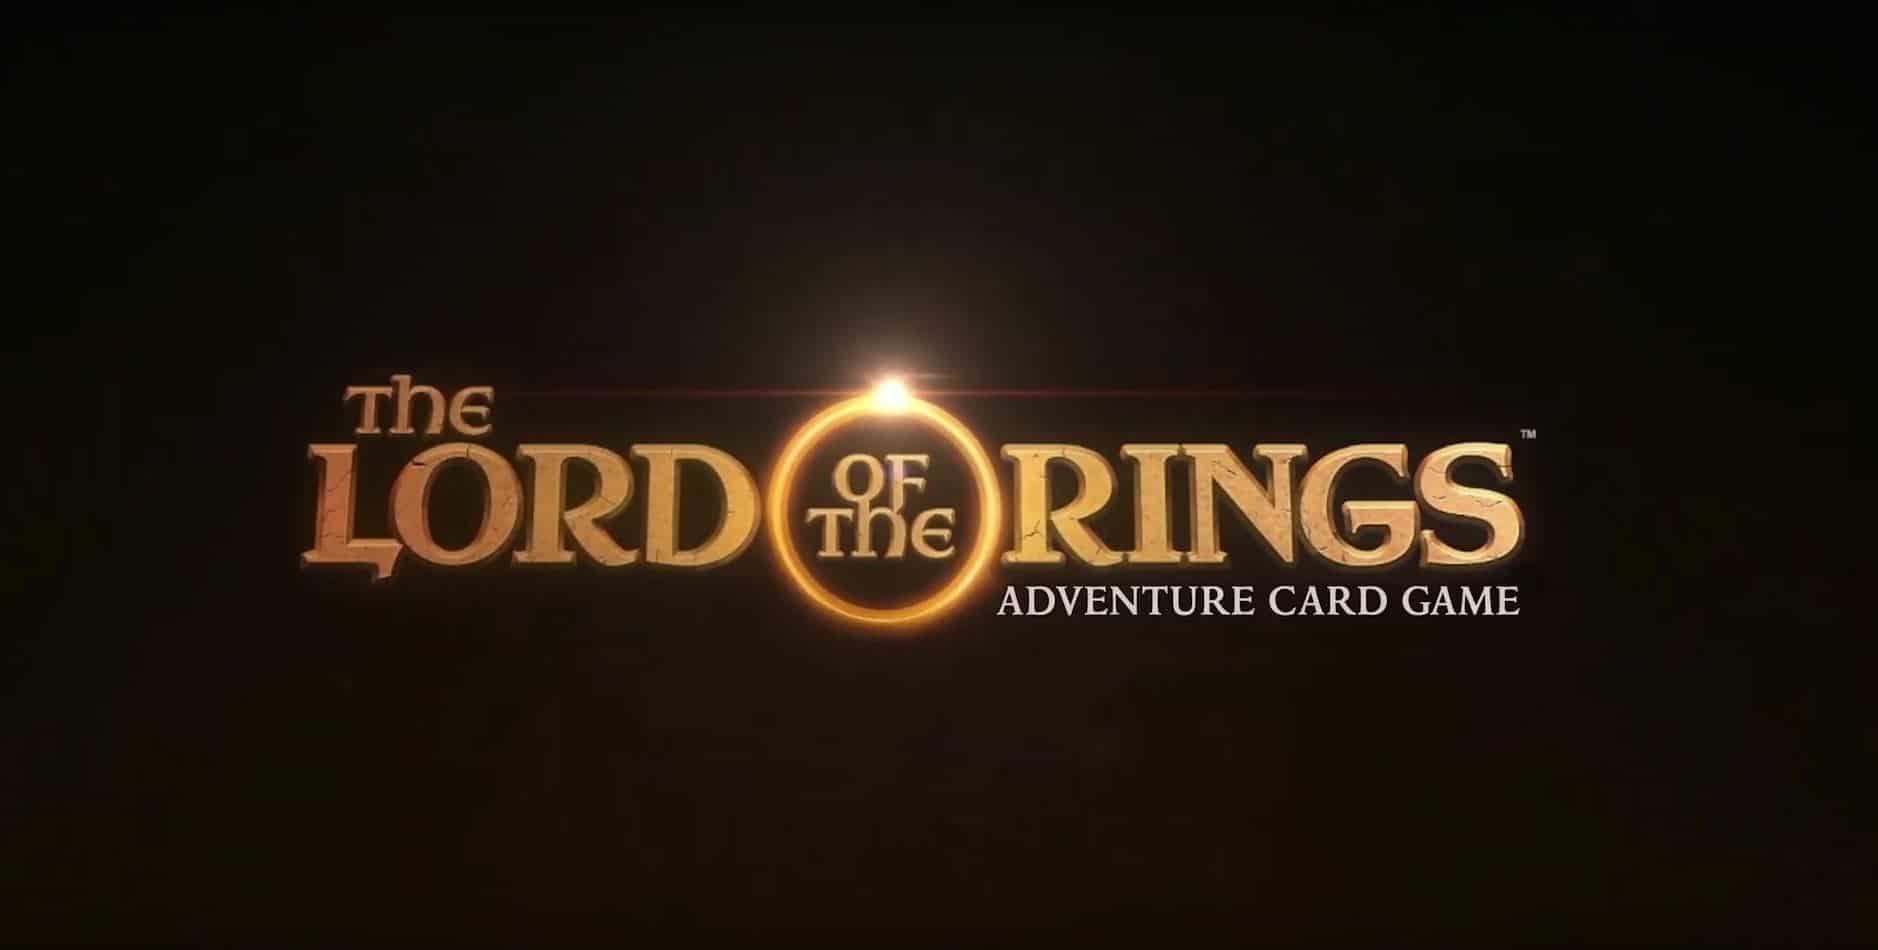 Mittelerde Karte 4k.The Lord Of The Rings Adventure Card Game Kommt